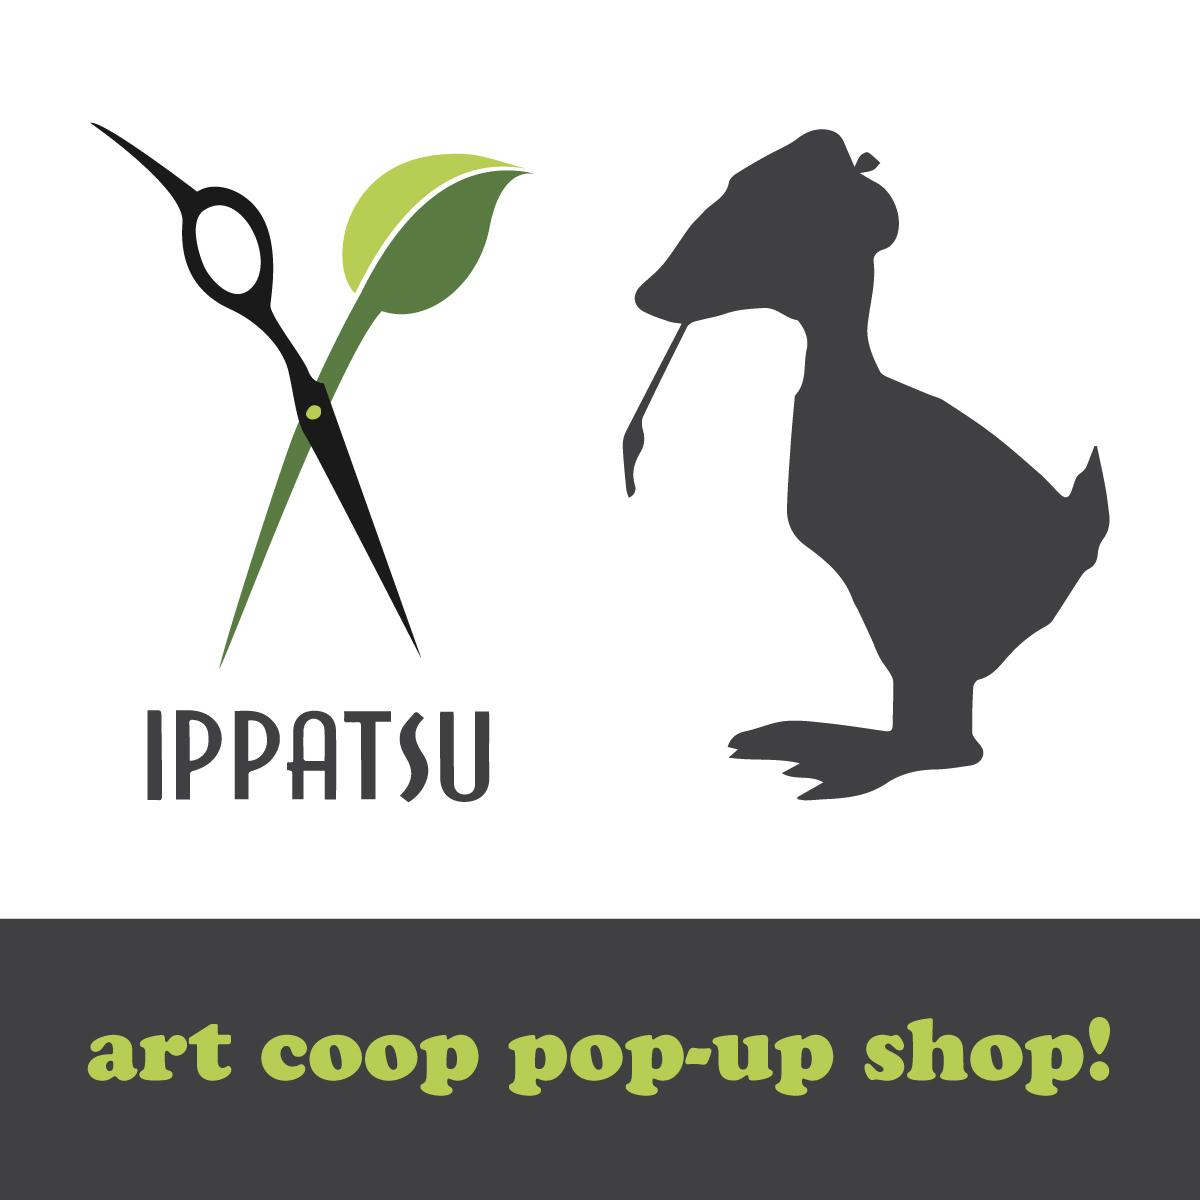 Ippatsu Pop-Up Shop Kit #7